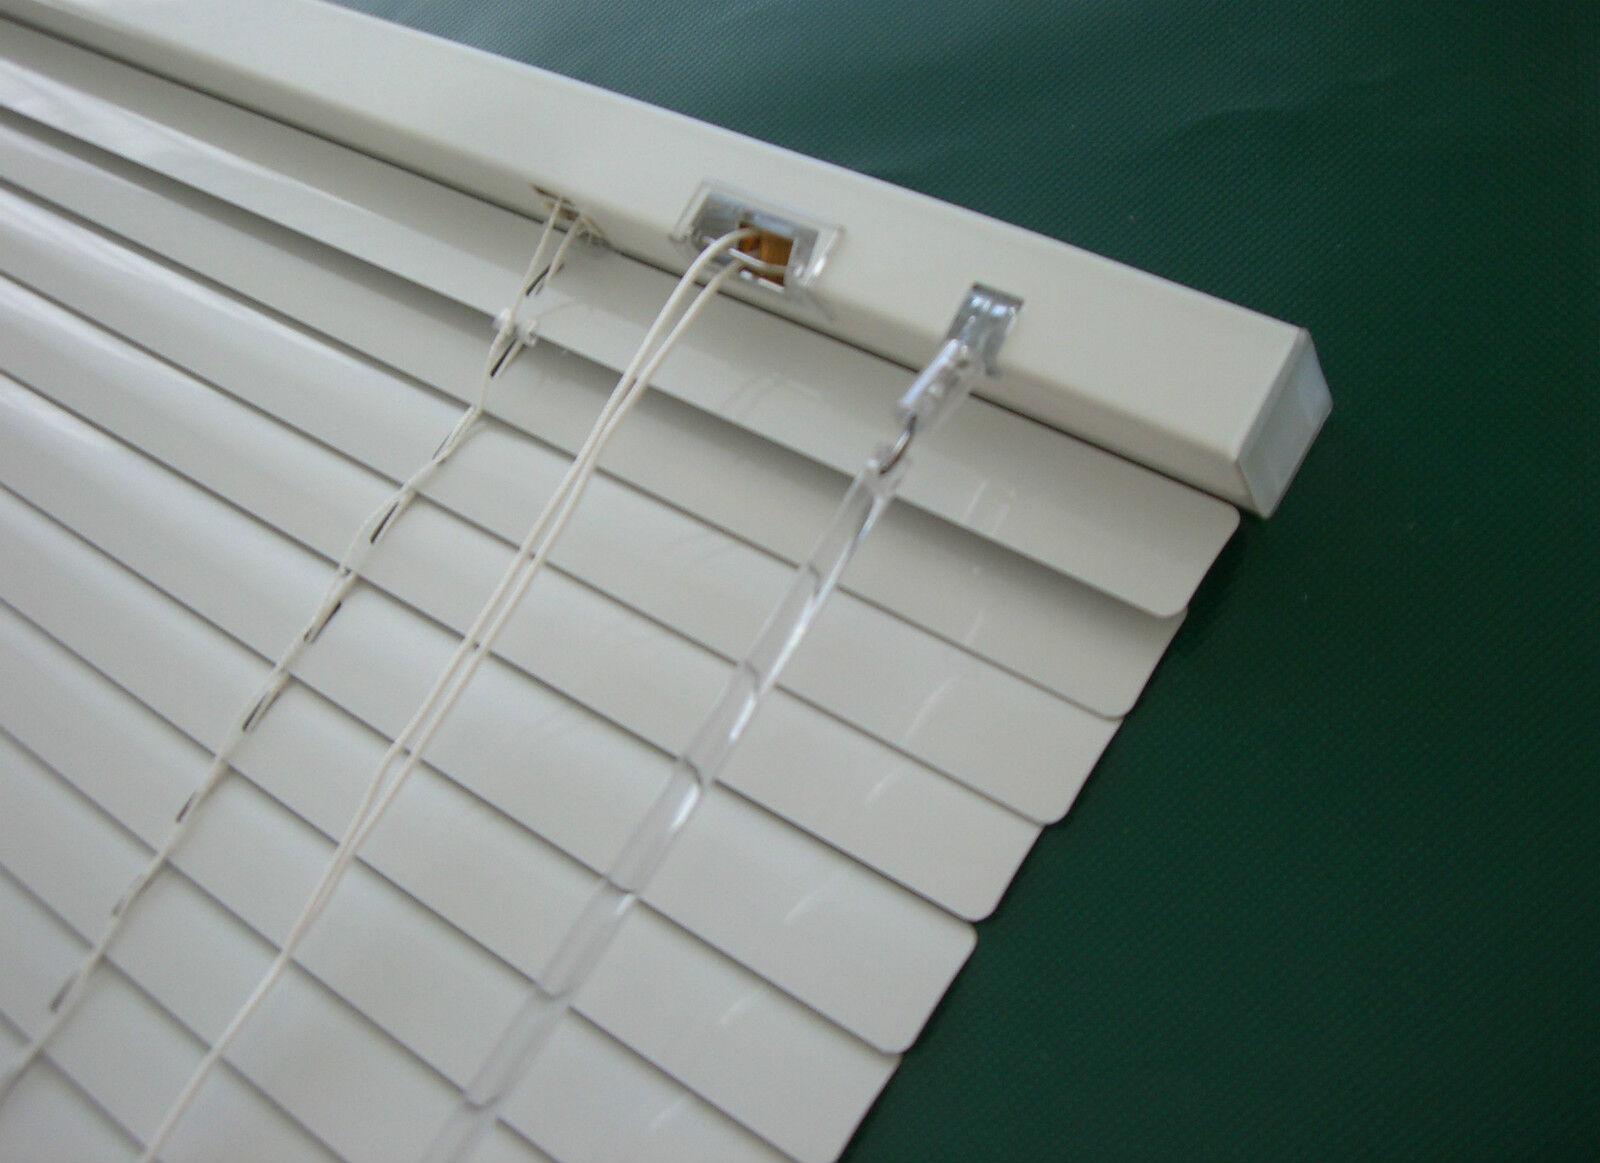 Aluminium Jalousette Alu Lamelle Jalousie Jalousie Jalousie Fensterrollo Rollo Tür Weiß Silber | Kompletter Spezifikationsbereich  13fcc4